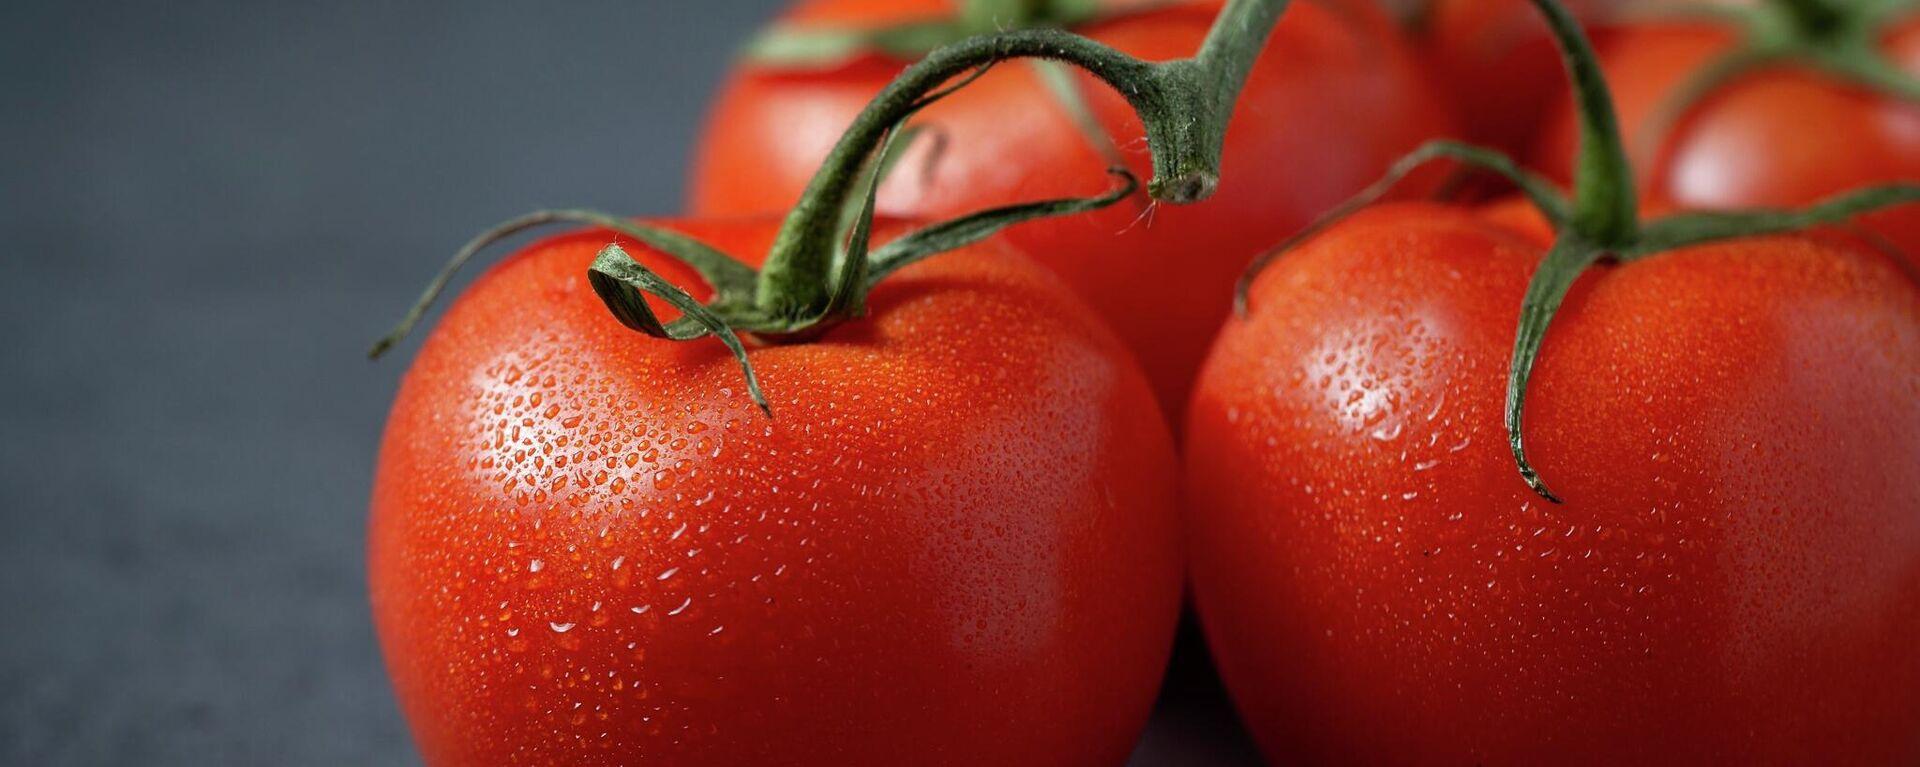 Pomidorы - Sputnik Oʻzbekiston, 1920, 25.06.2021